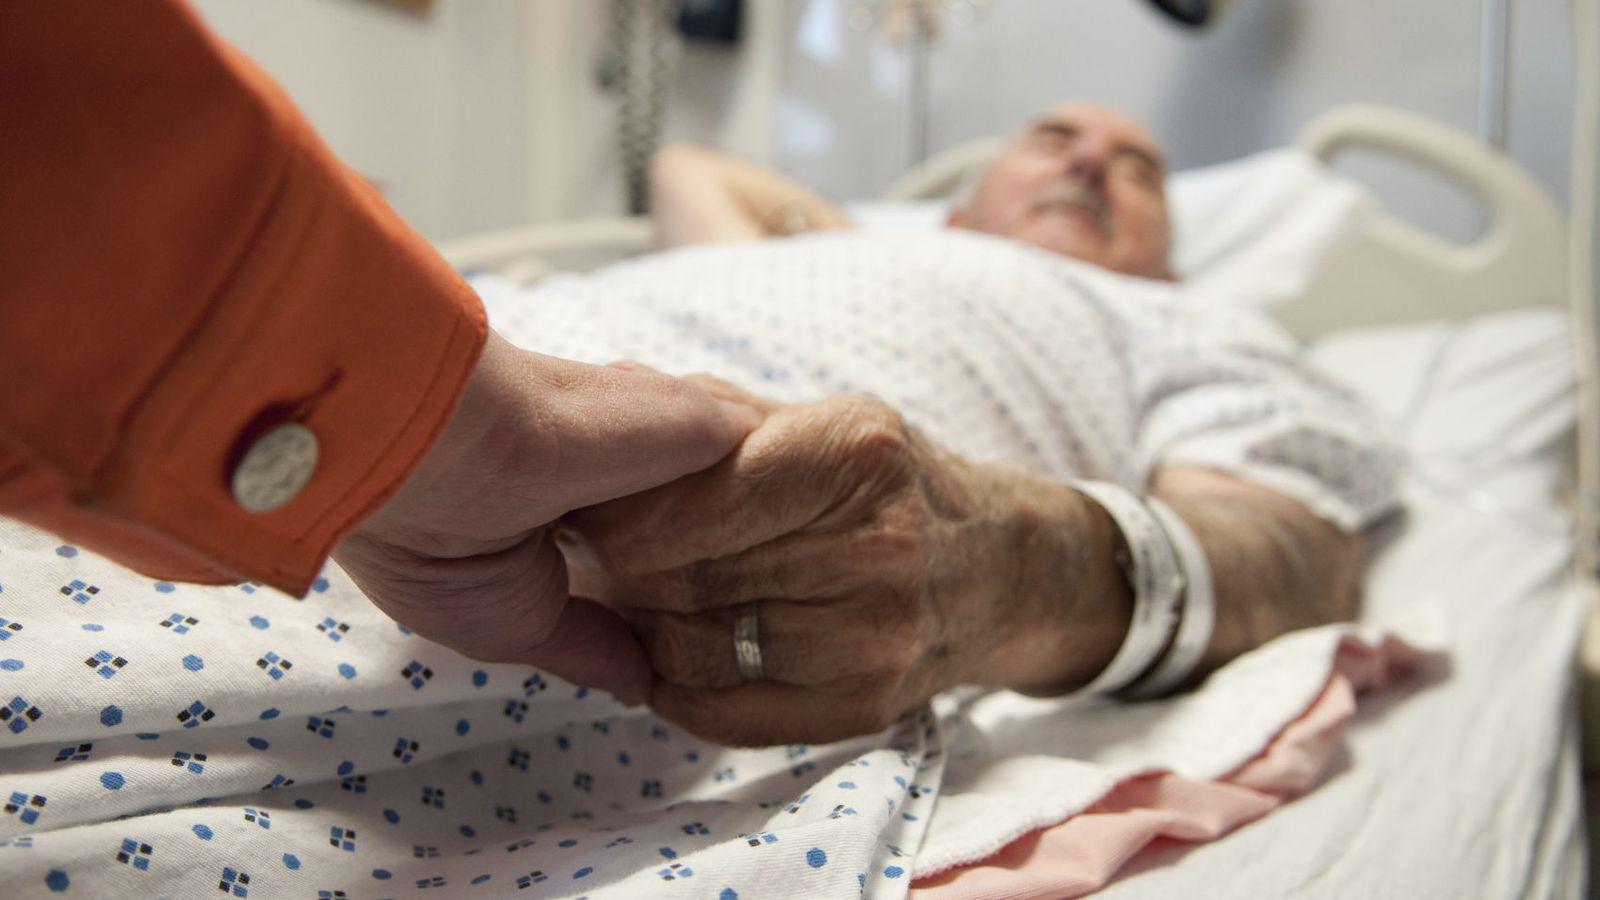 Foto: La mayoría de los enfermos terminales tienen sueños relacionados con la muerte. (iStock)